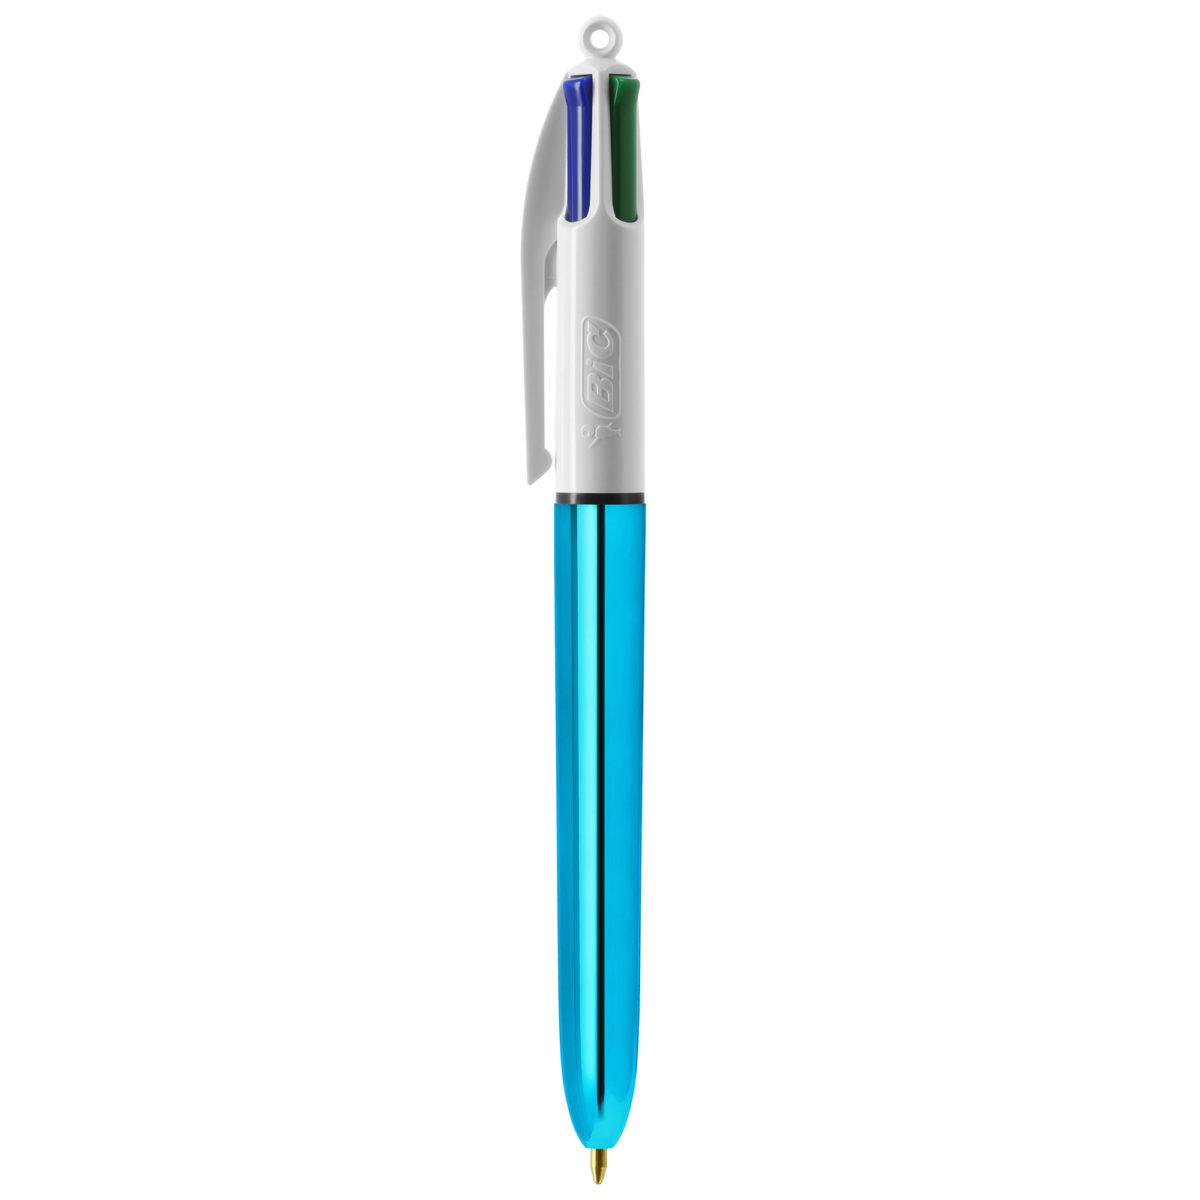 Stylo 4 Couleurs Métal Bleu Objet Publicitaire Nantes Créagift